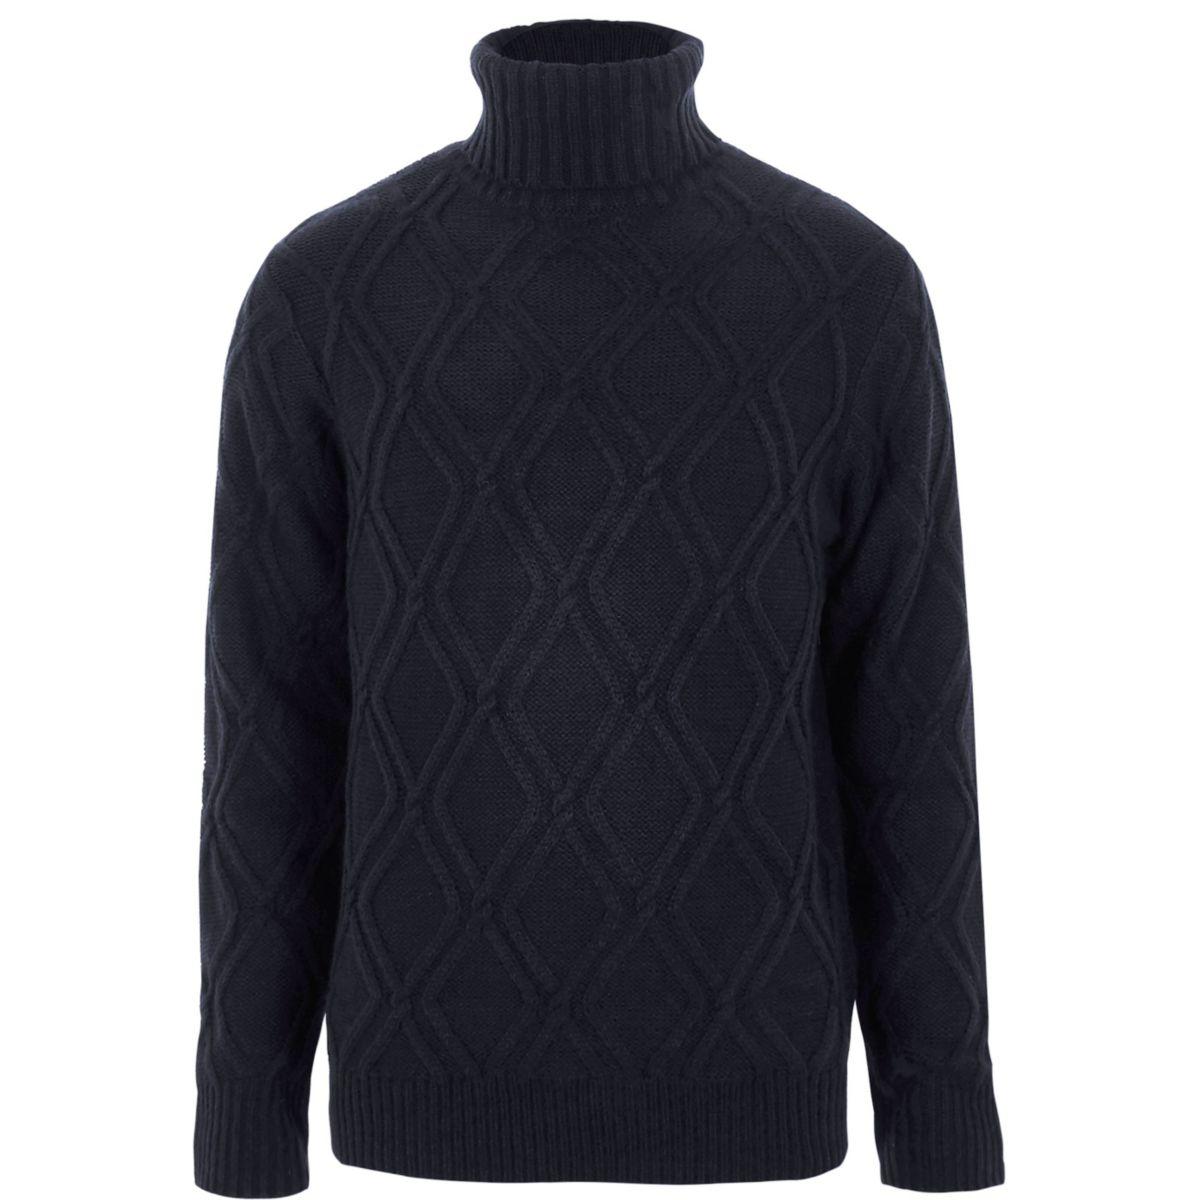 Navy diamond knit roll neck jumper